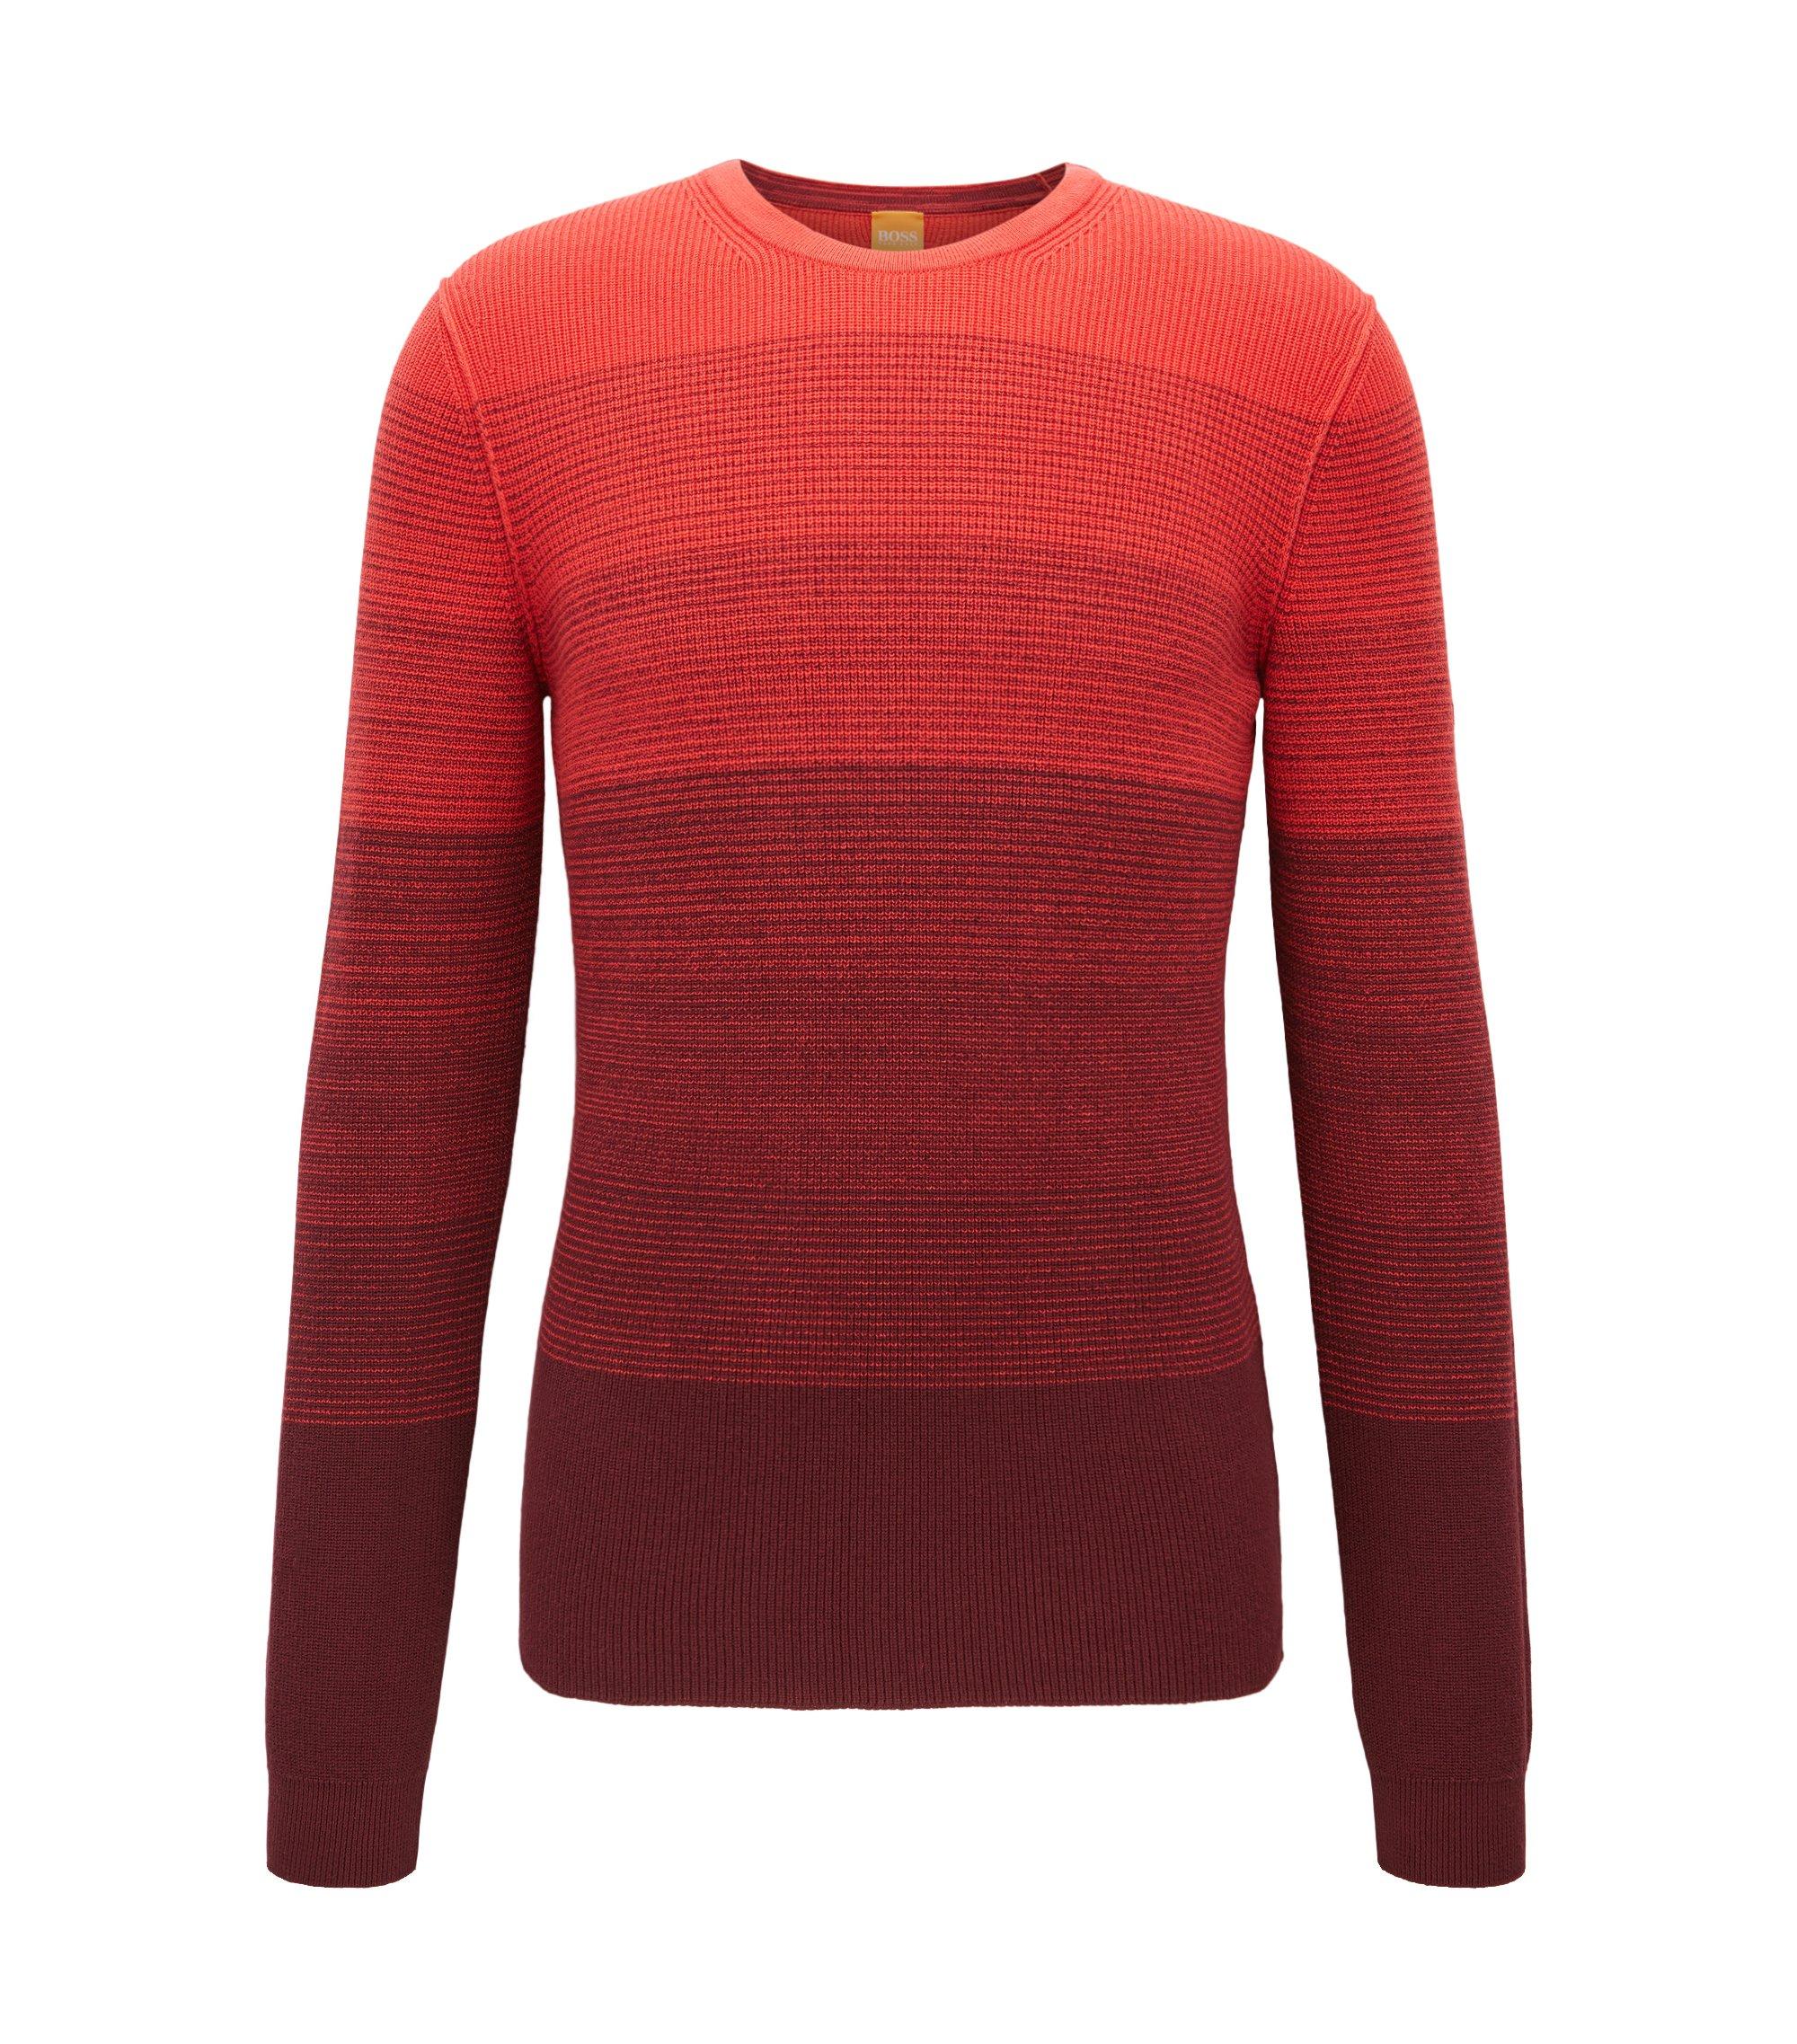 Pullover aus Baumwolle mit Dégradé-Rippstruktur, Rot